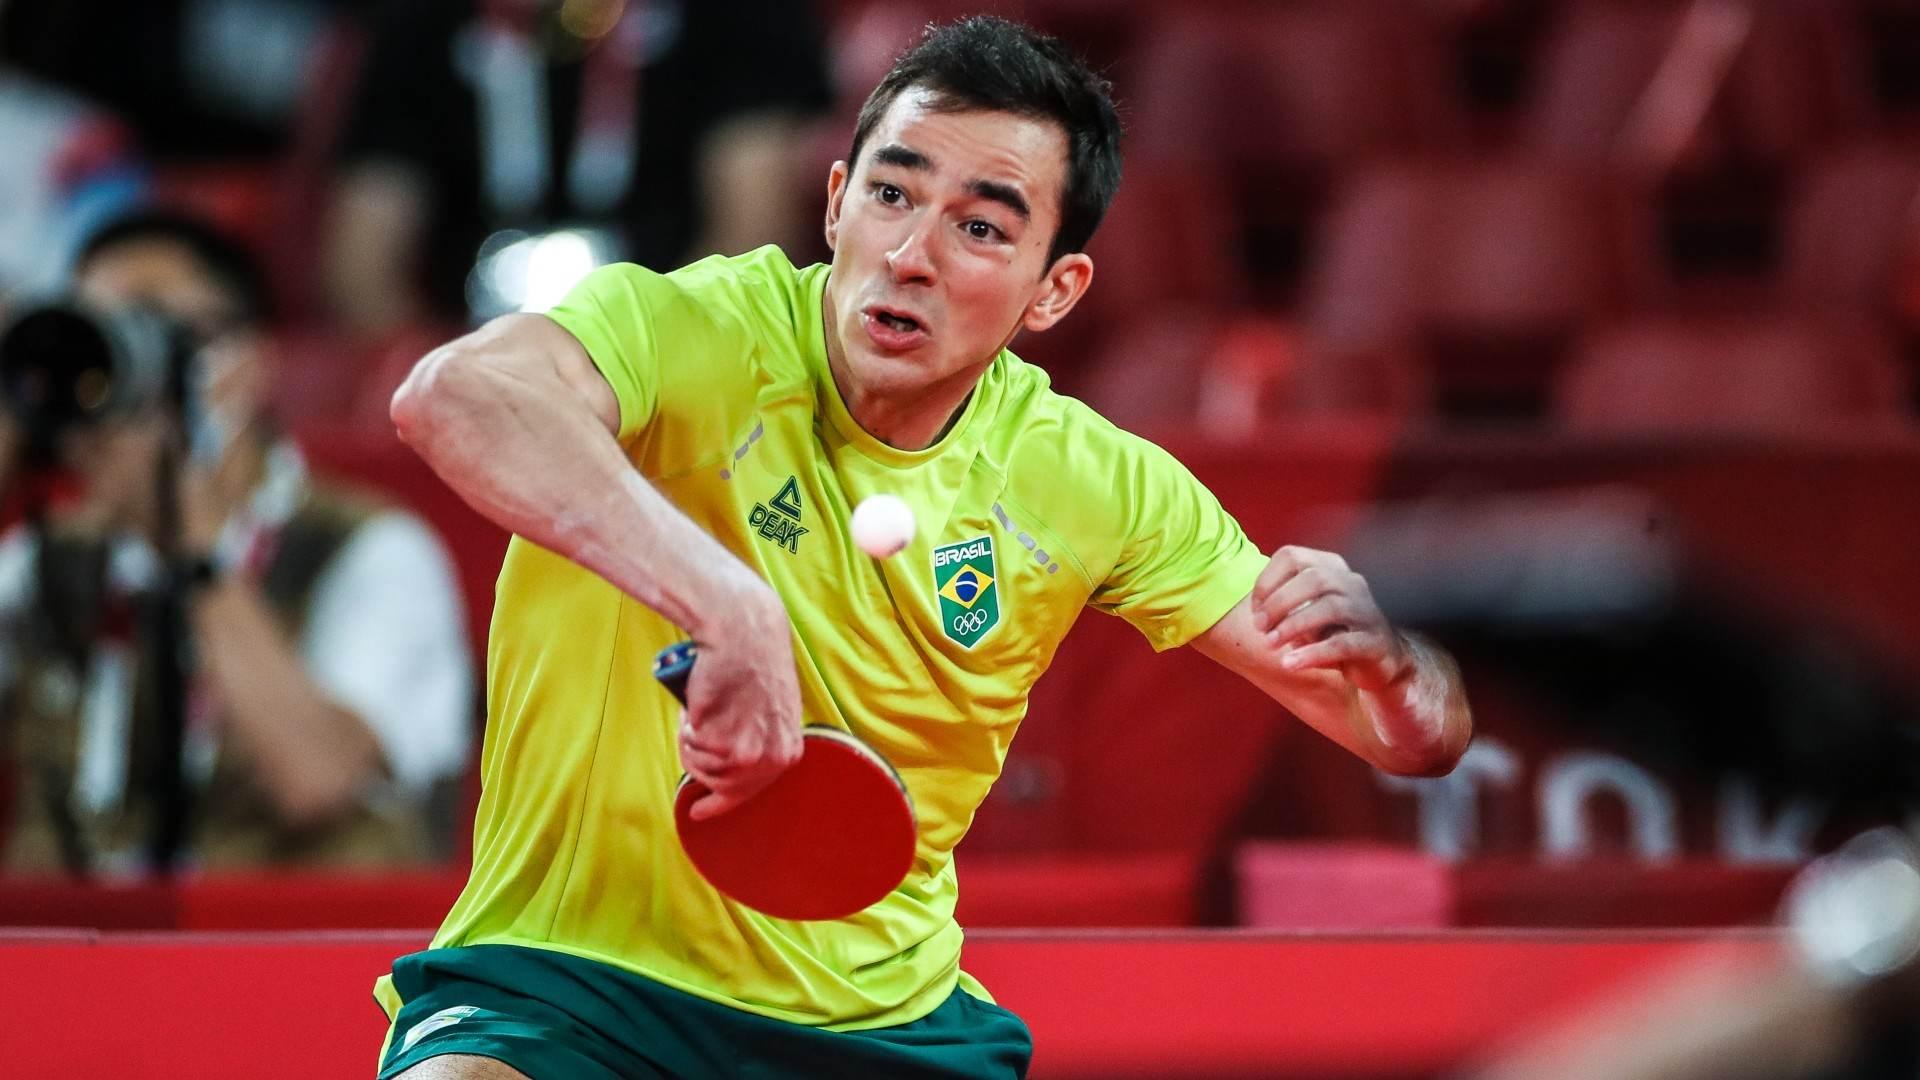 Hugo Calderano na disputa por equipes do tênis de mesa, contra a Coreia do Sul